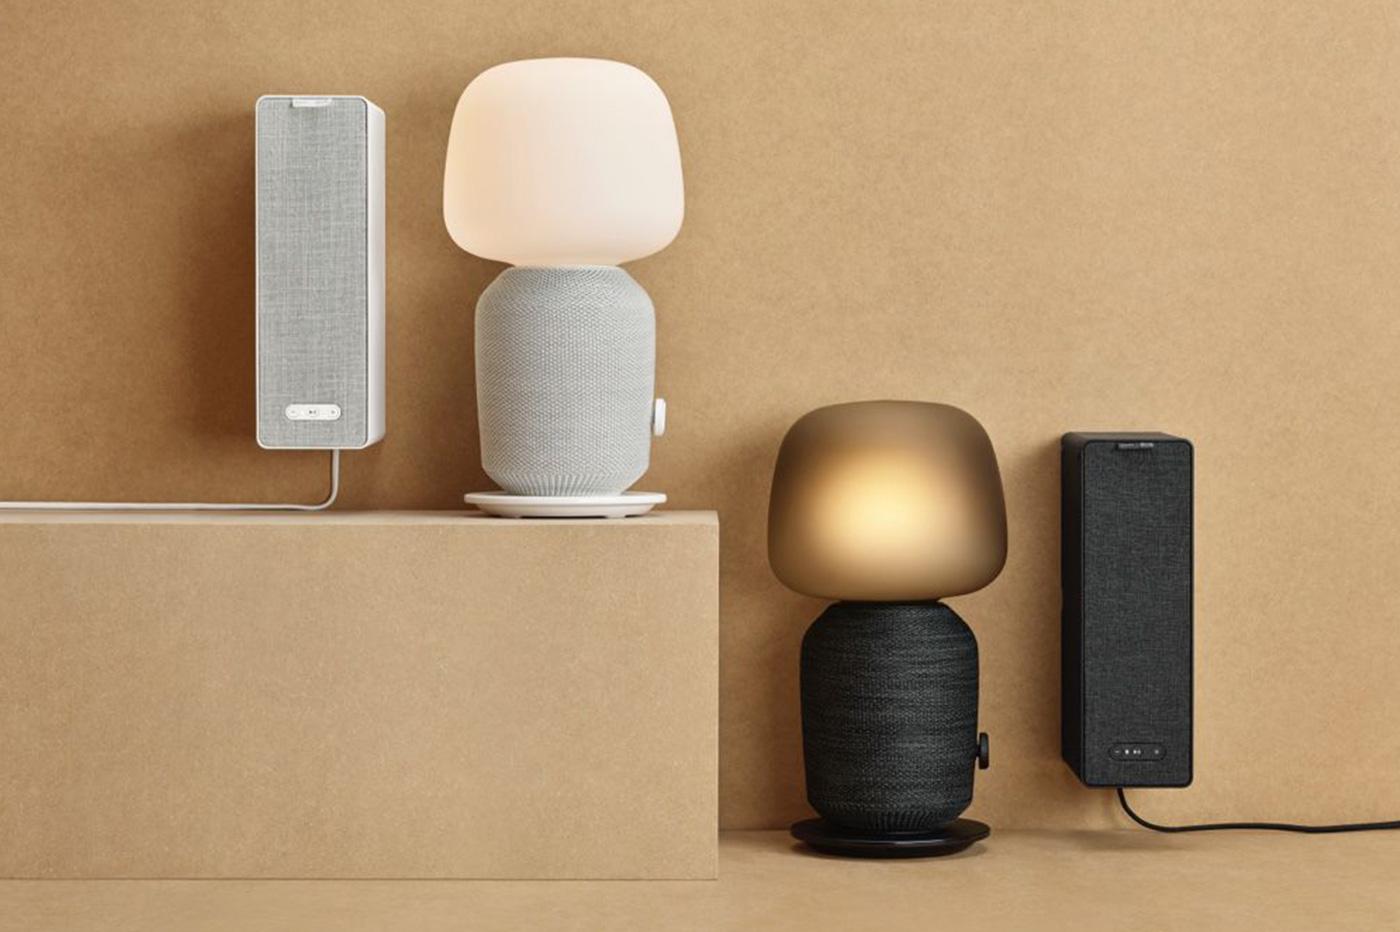 Sonos Et Ikea Presentent Deux Enceintes Symfonisk Avec La